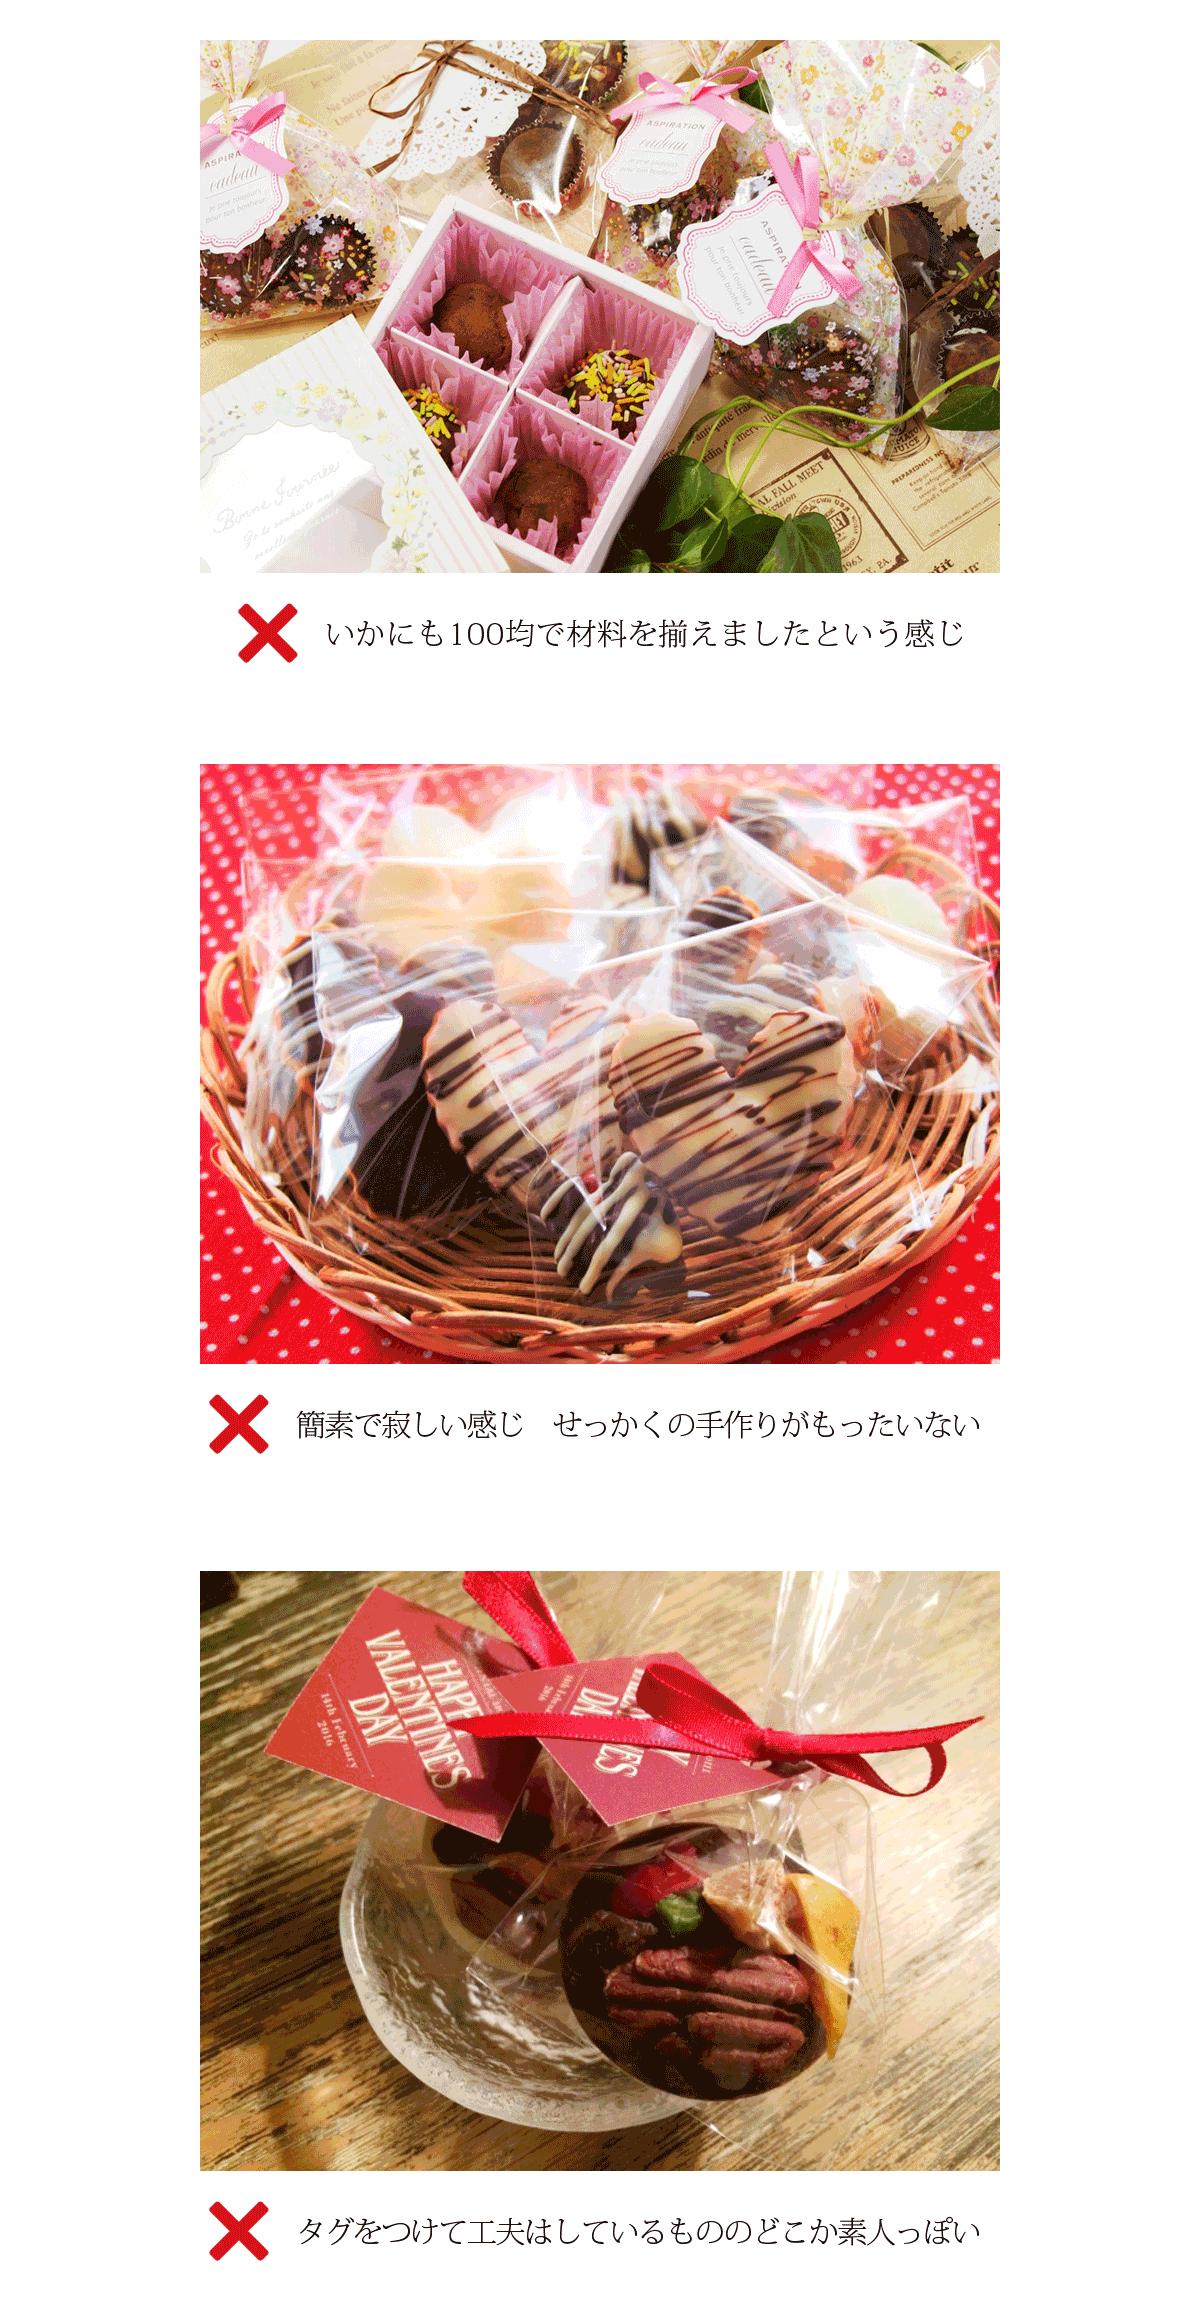 手作りお菓子 ダメな例